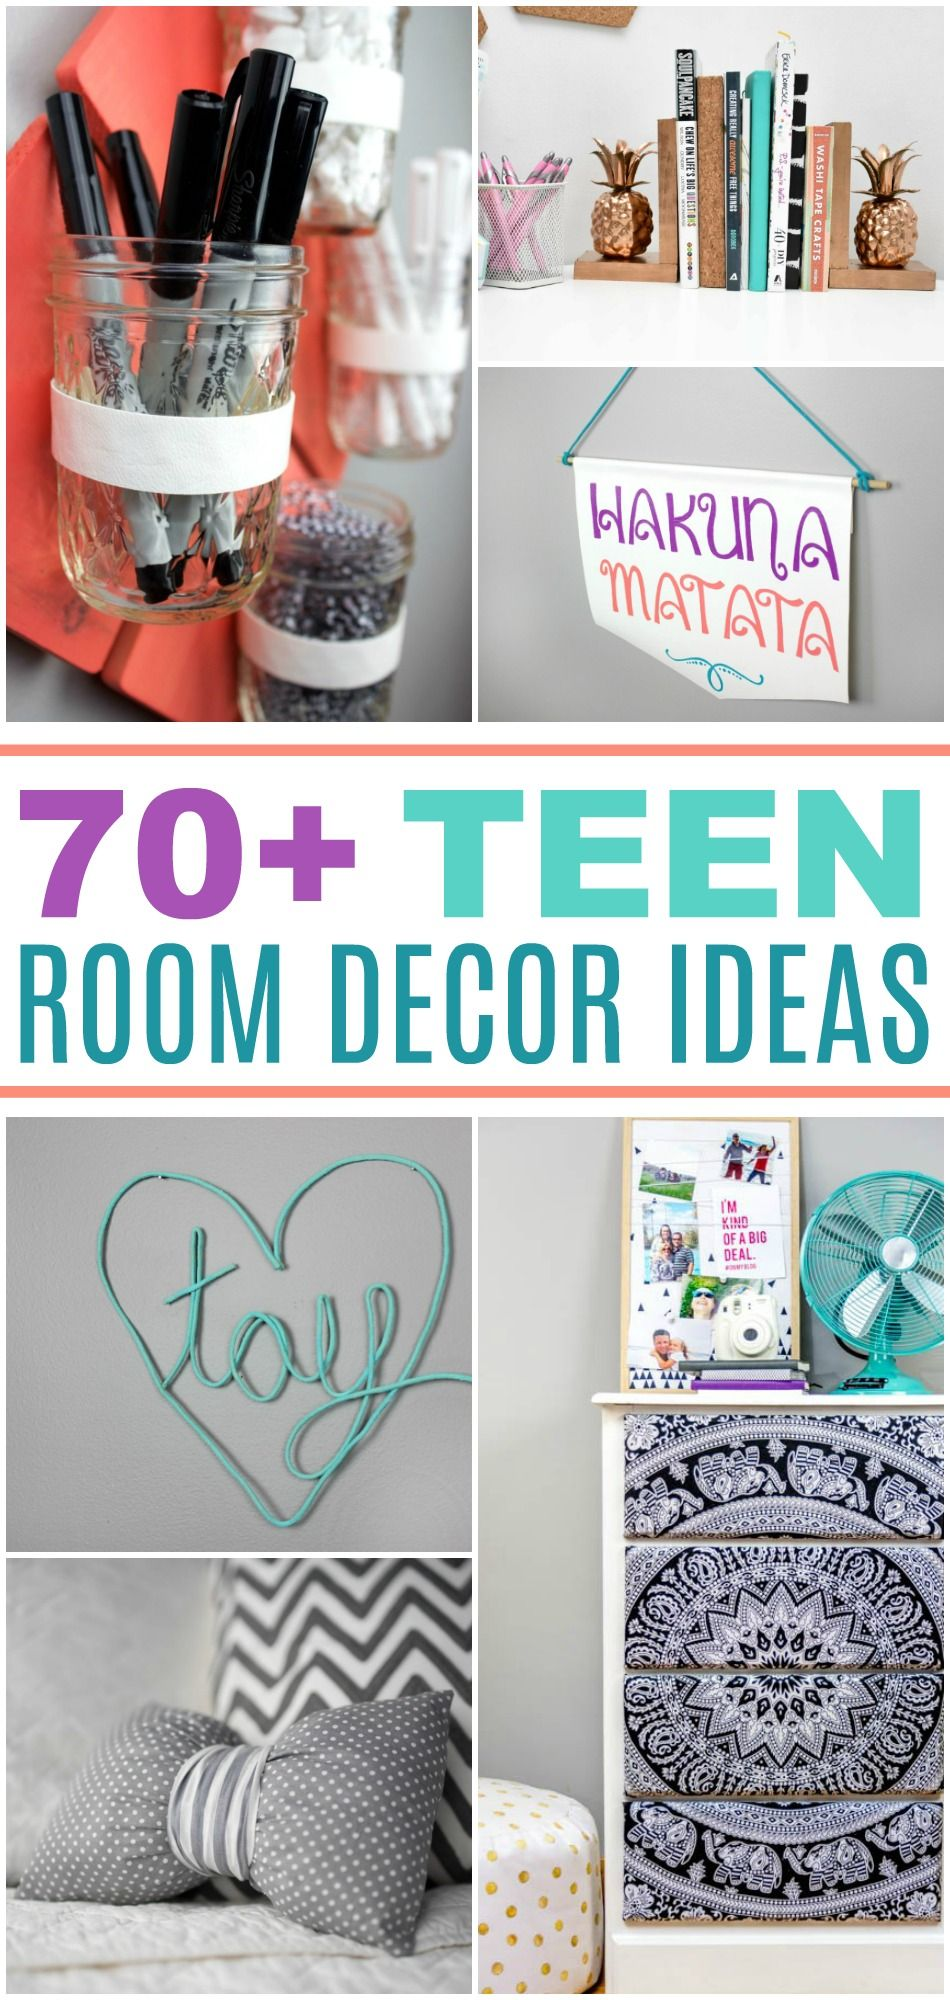 70 Diy Room Decor Ideas For Teens Diy Room Decor For Teens